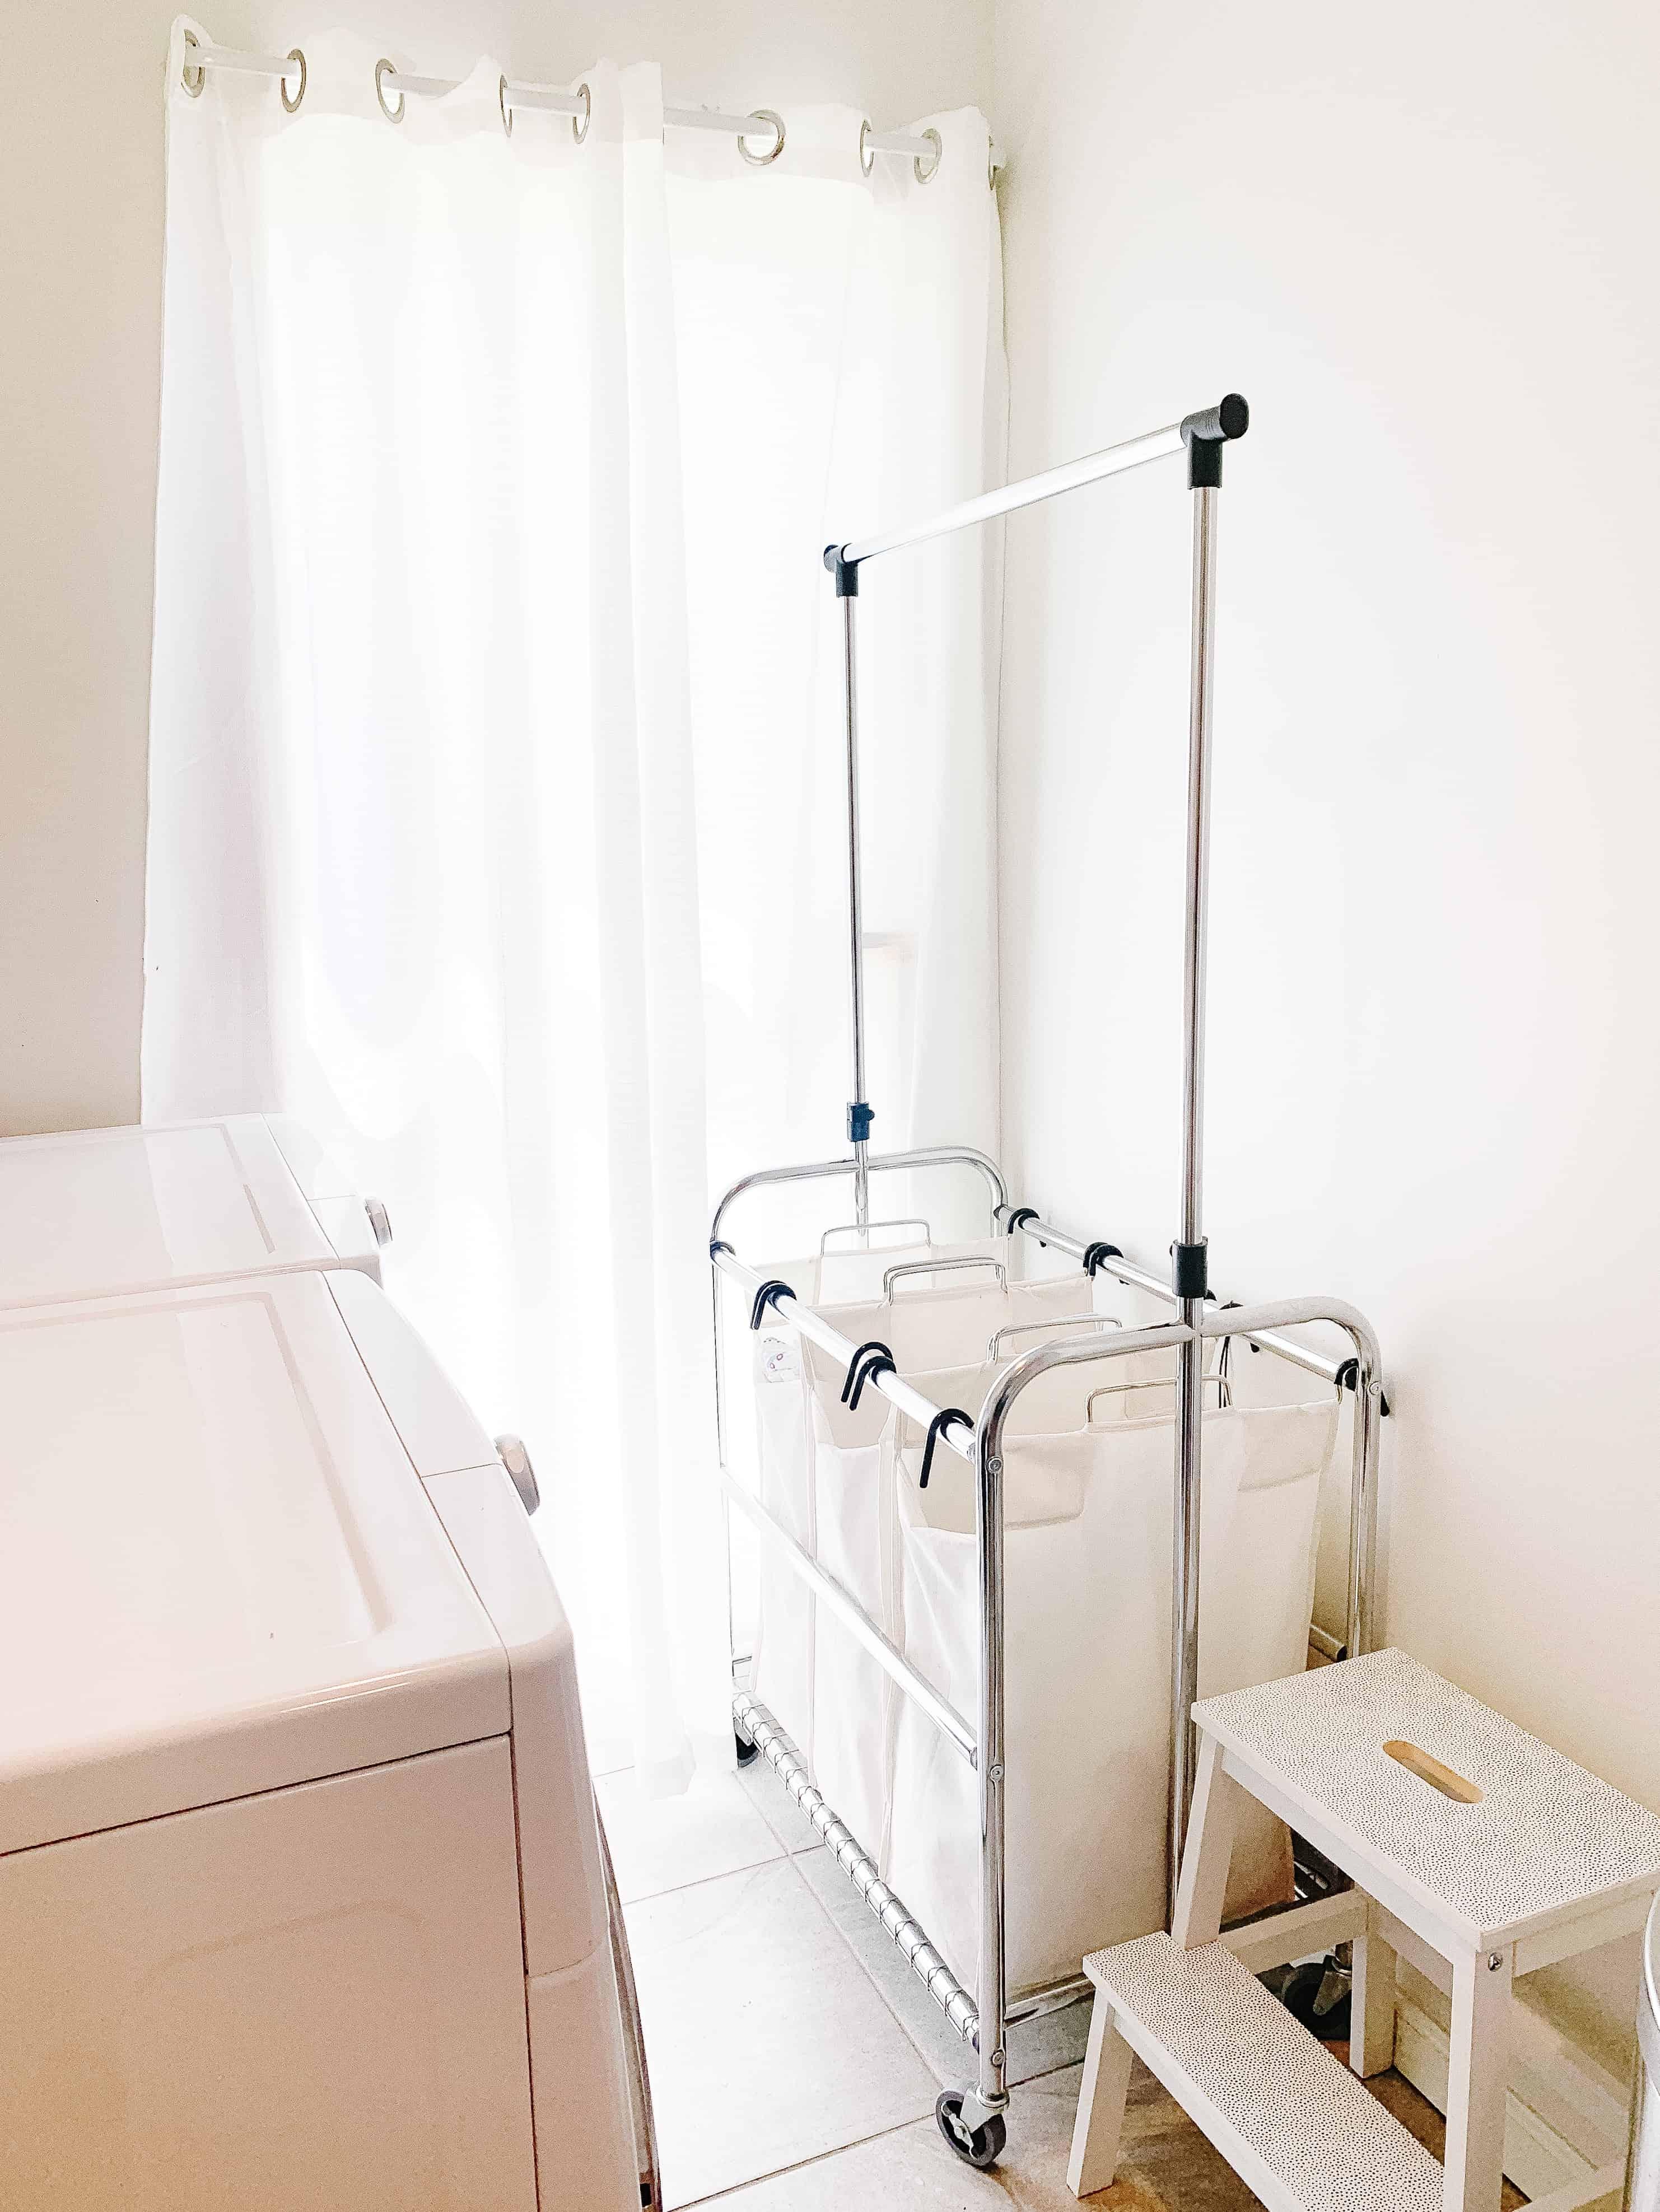 3 tier rolling laundry bin